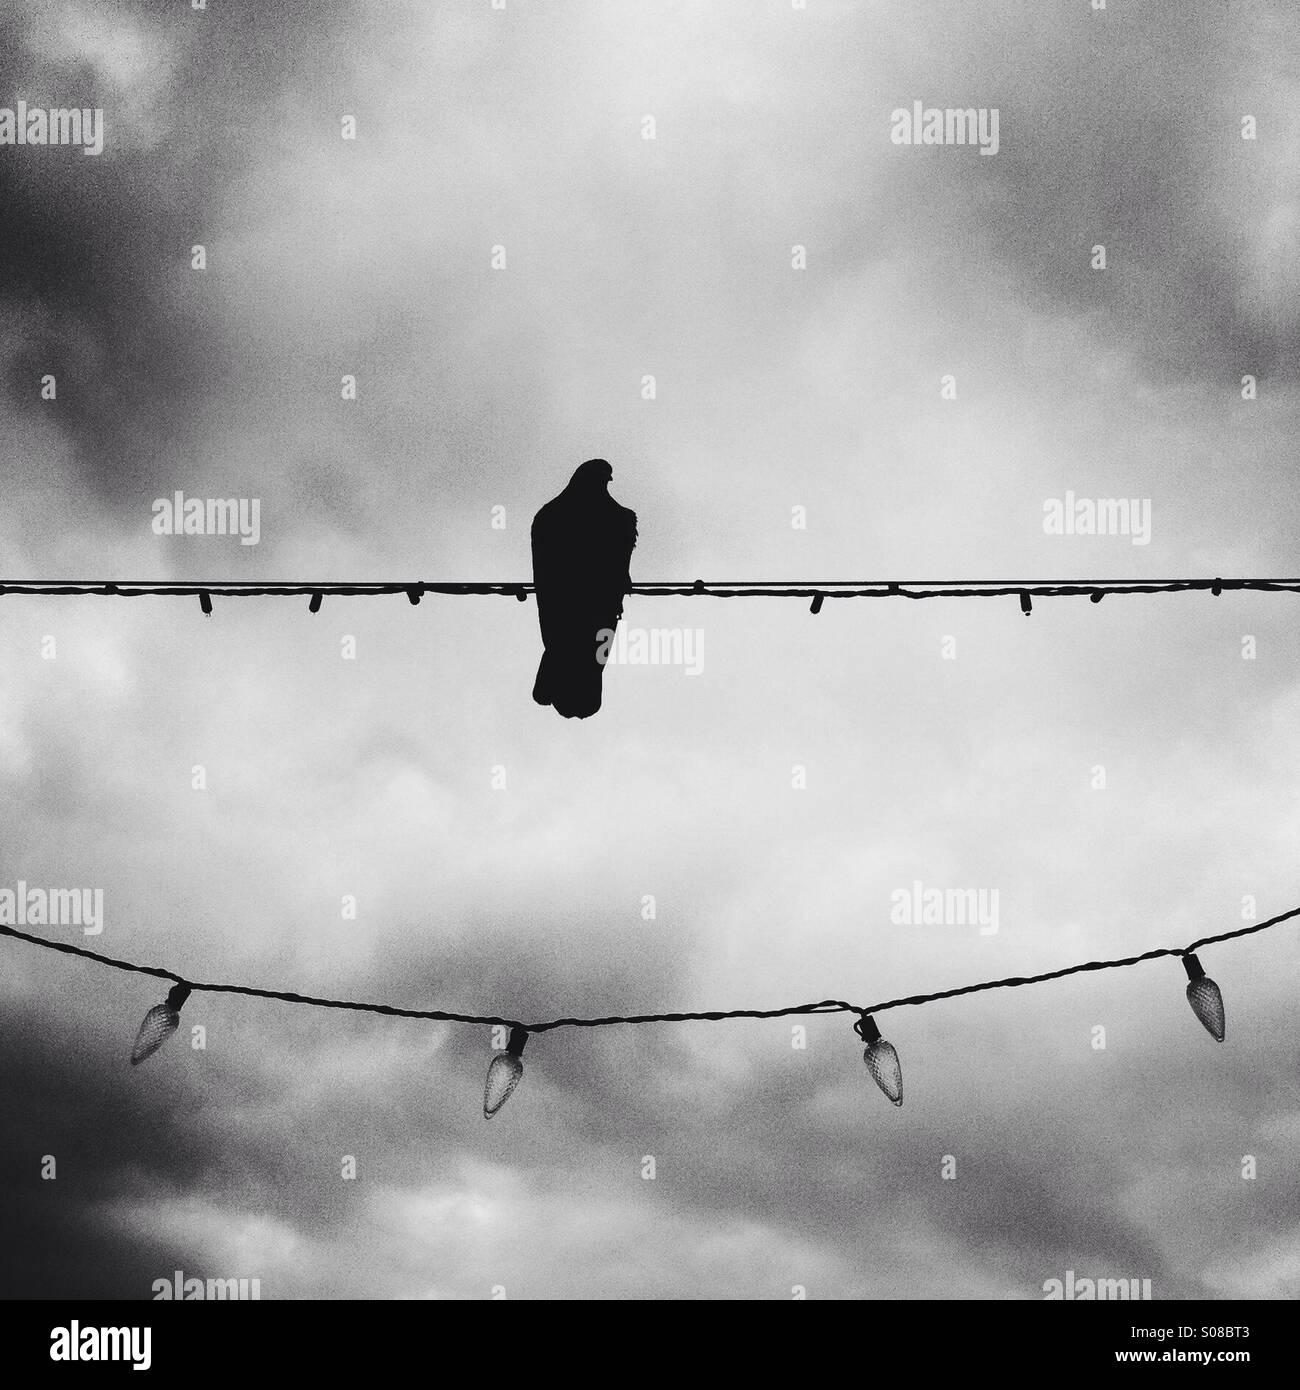 Foto in bianco e nero di un piccione seduta sul filo di luci di Natale. Manhattan Beach. California USA. Immagini Stock